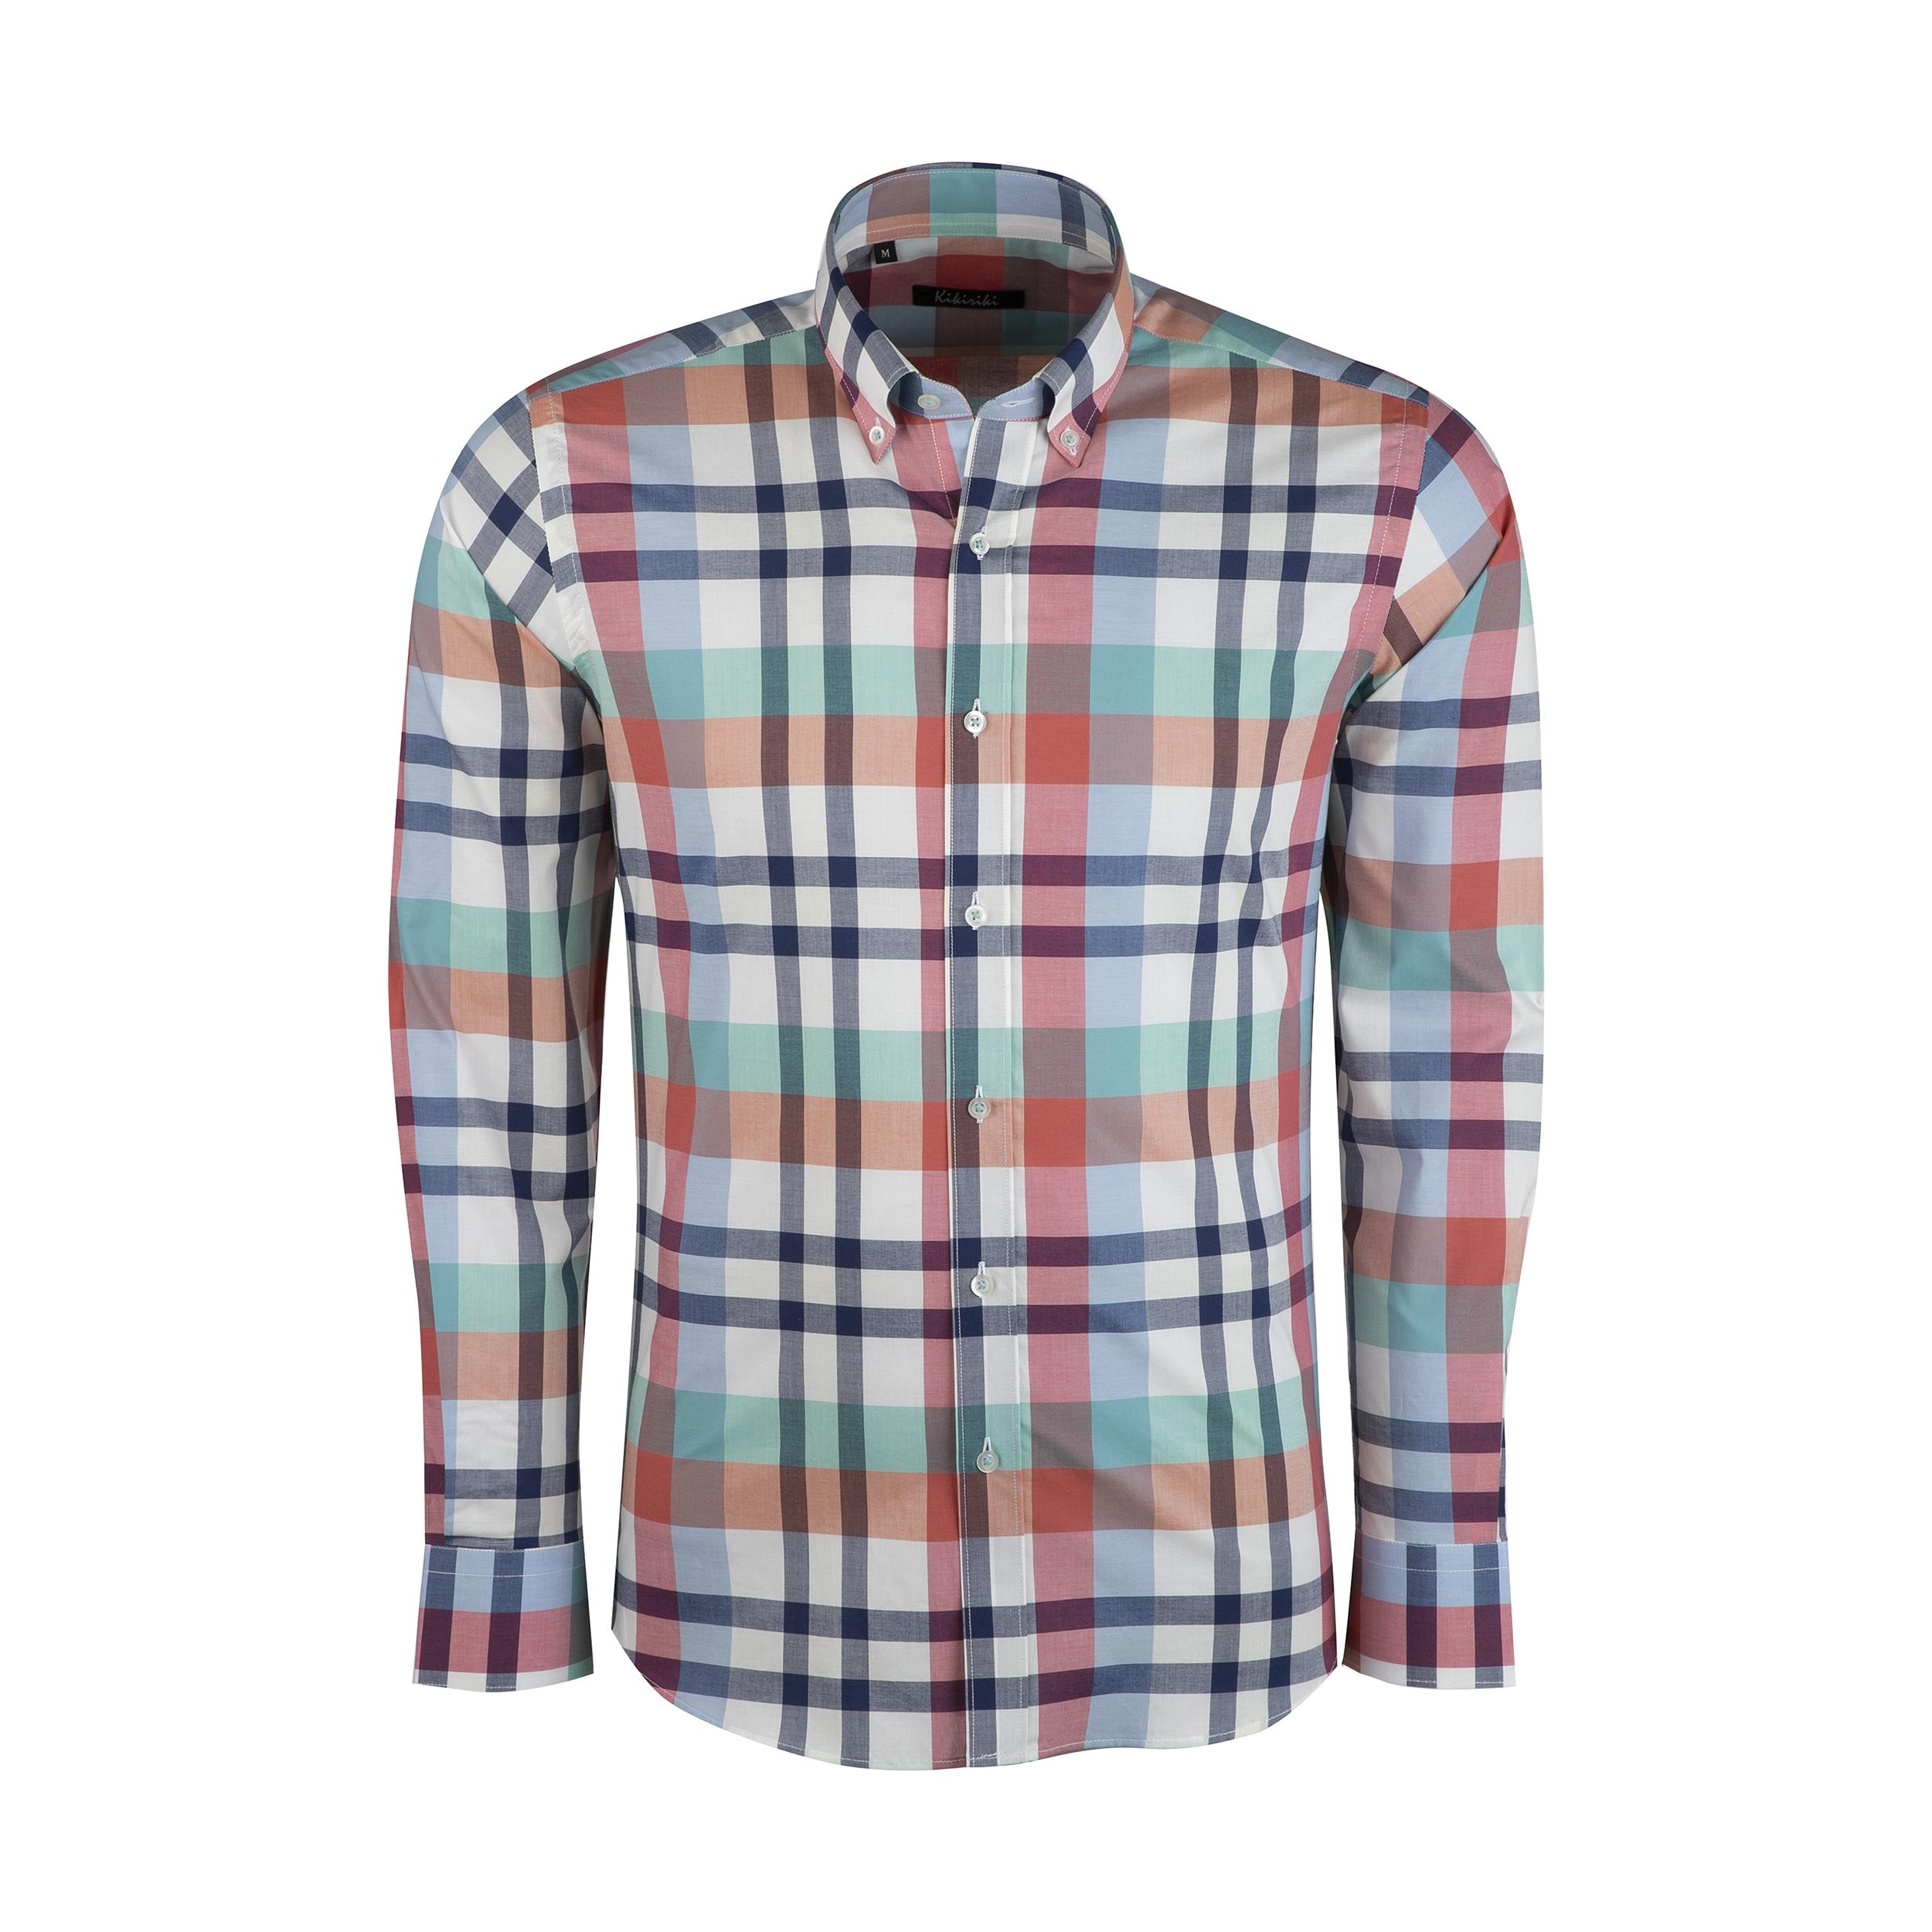 پیراهن مردانه کیکی رایکی مدل MBB2411-014